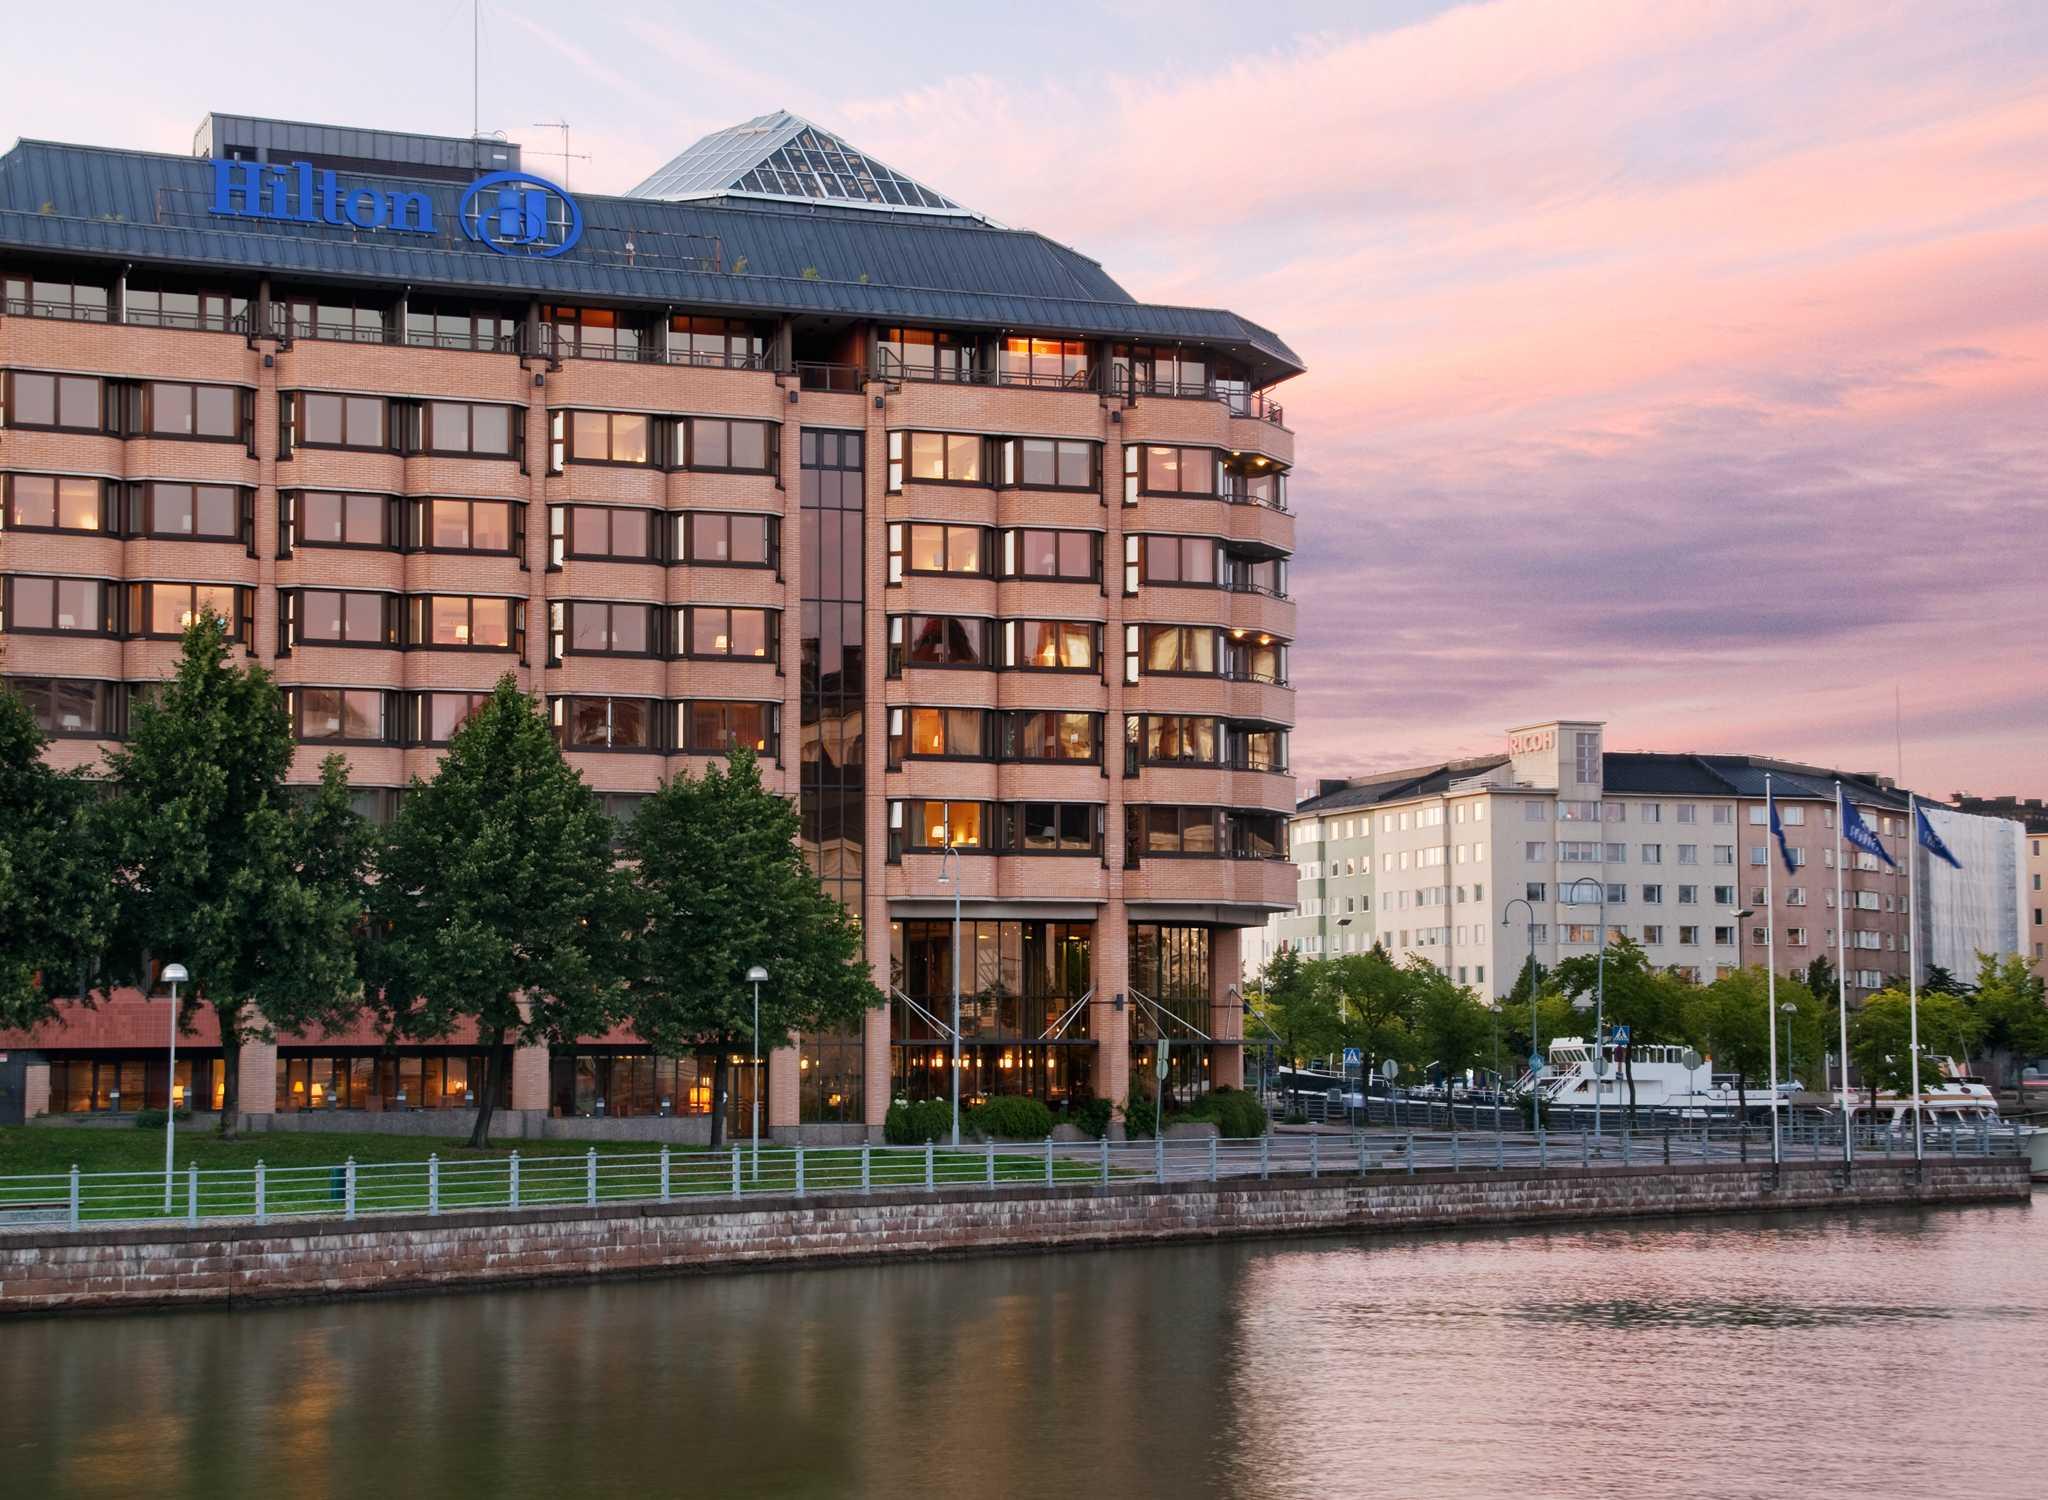 Hotelli Suomi Varaa Majoituksesi T Lt Hilton Hotelli